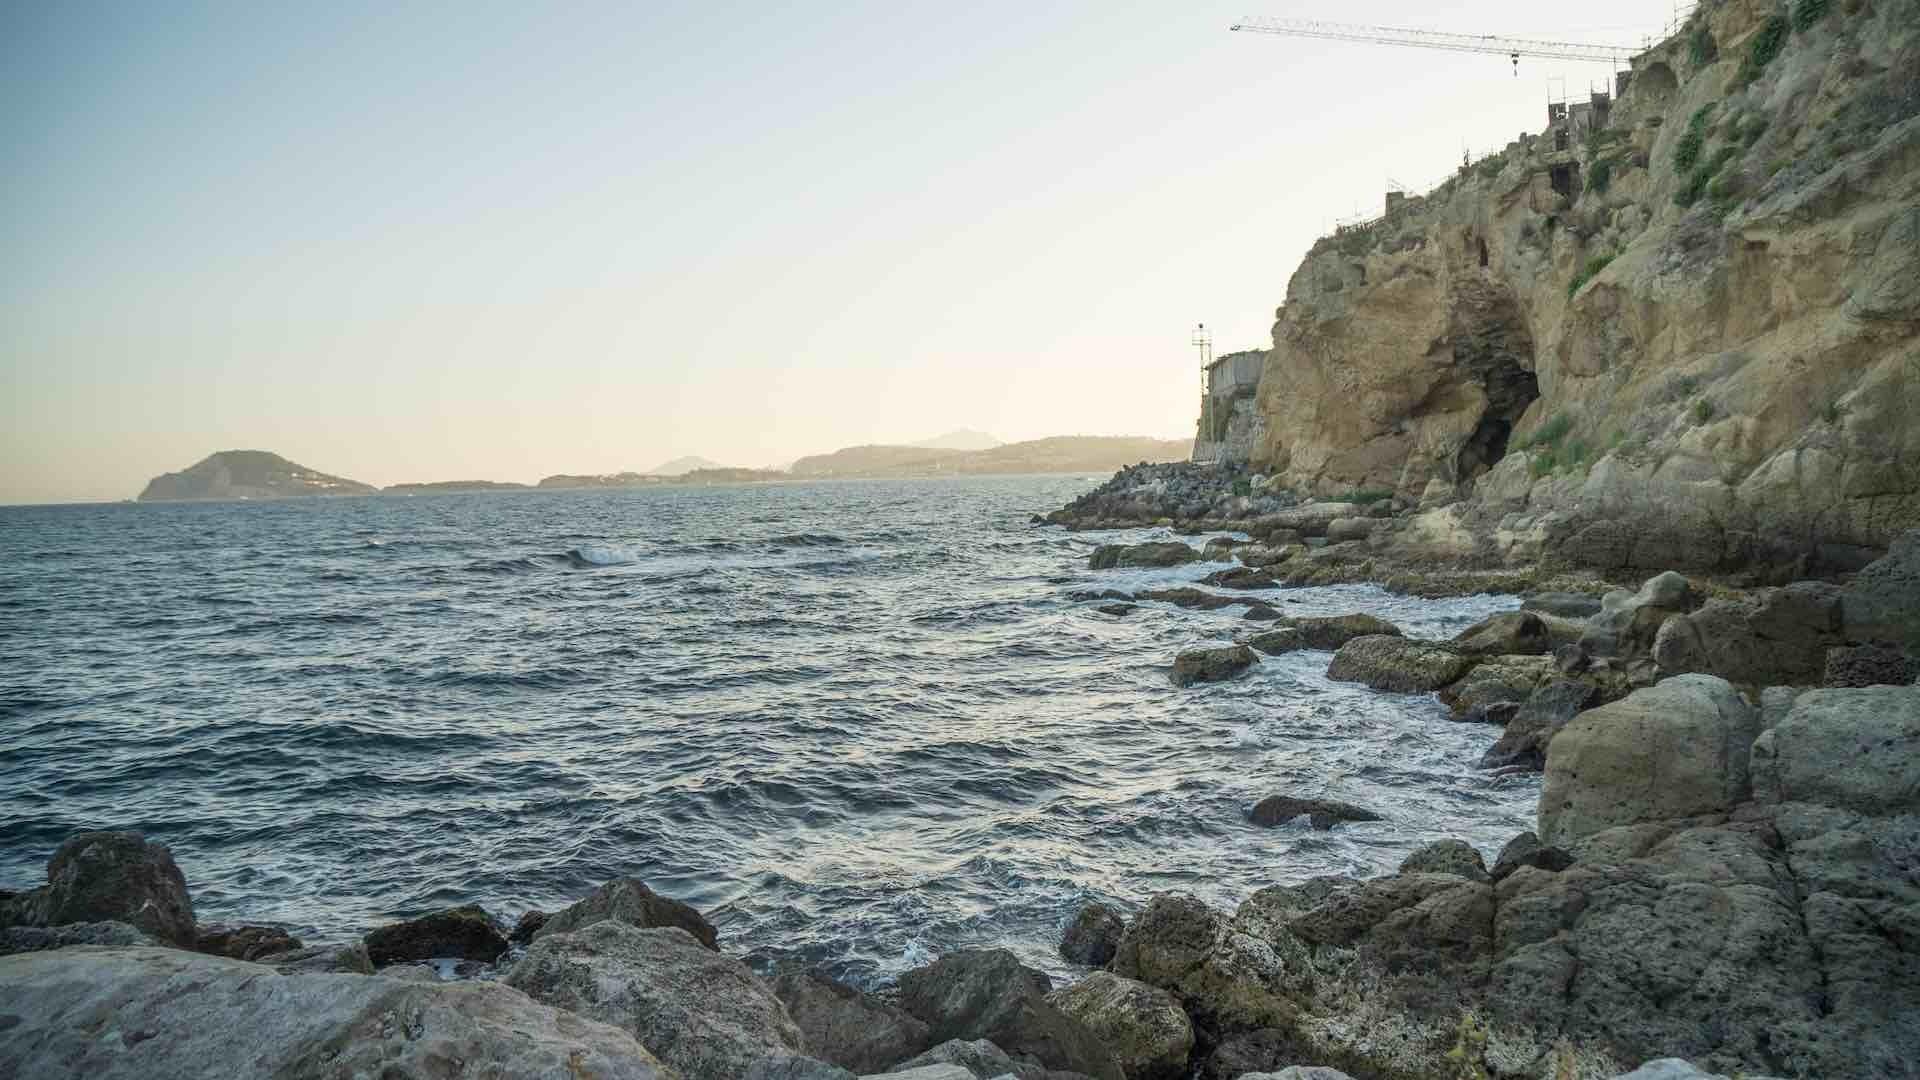 Lungomare di Pozzuoli: Yalta, Pertini, Via Napoli